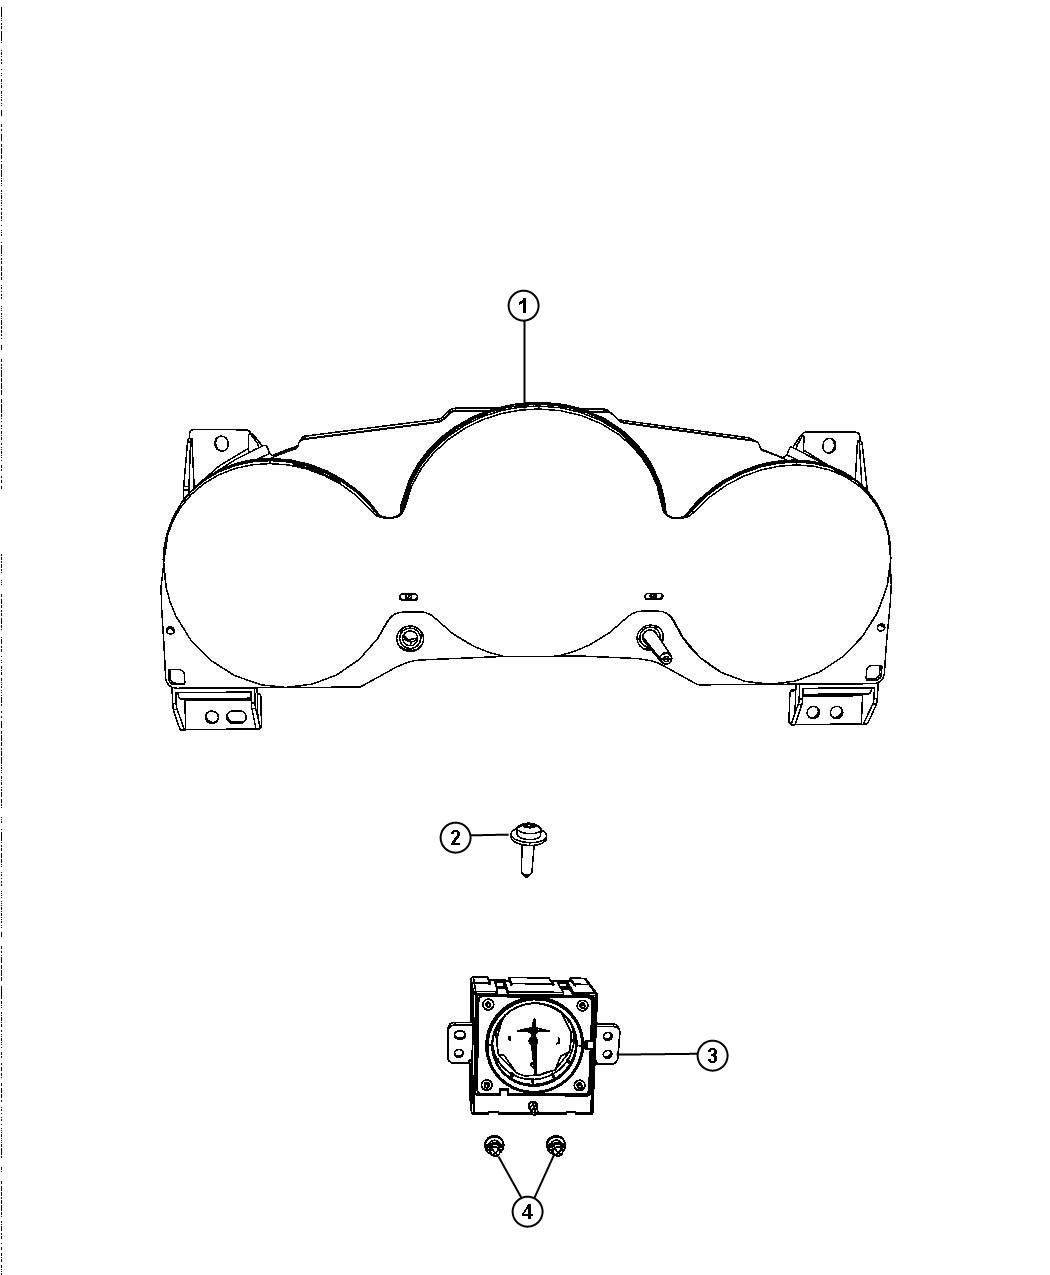 2008 chrysler sebring cluster  instrument panel   120 mph primary speedometer